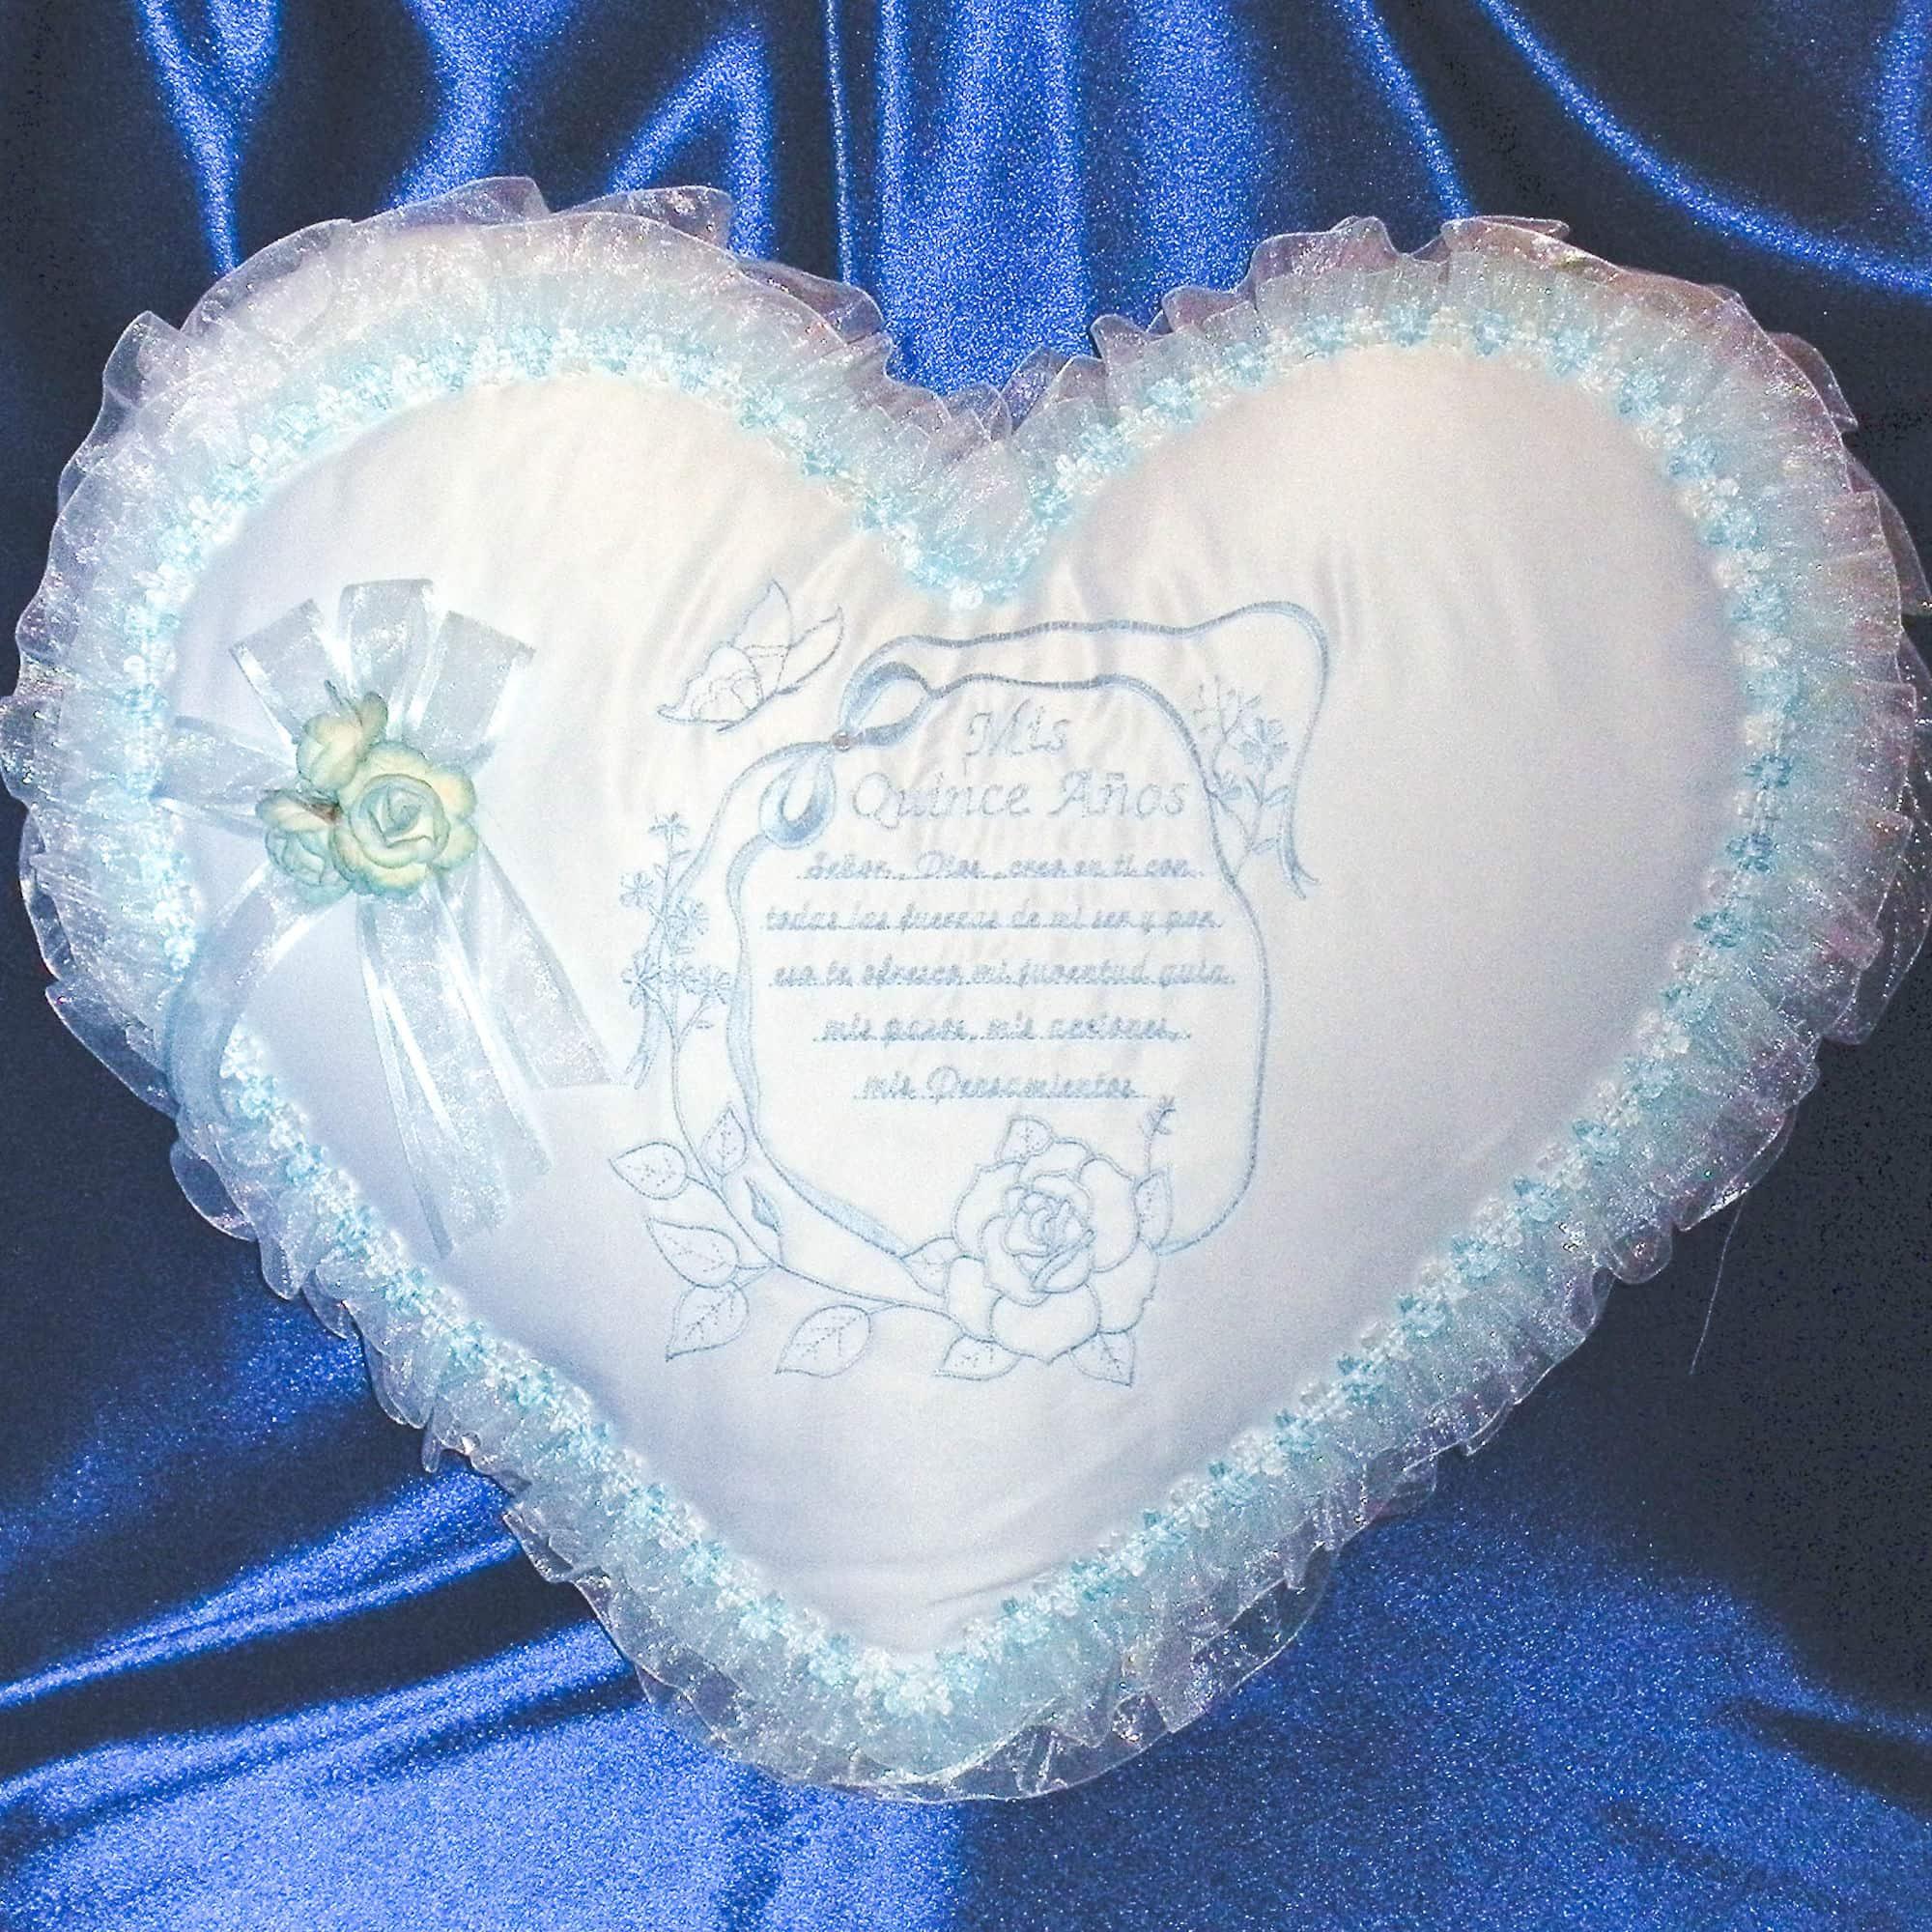 kneeling pillow with quinceanera prayer